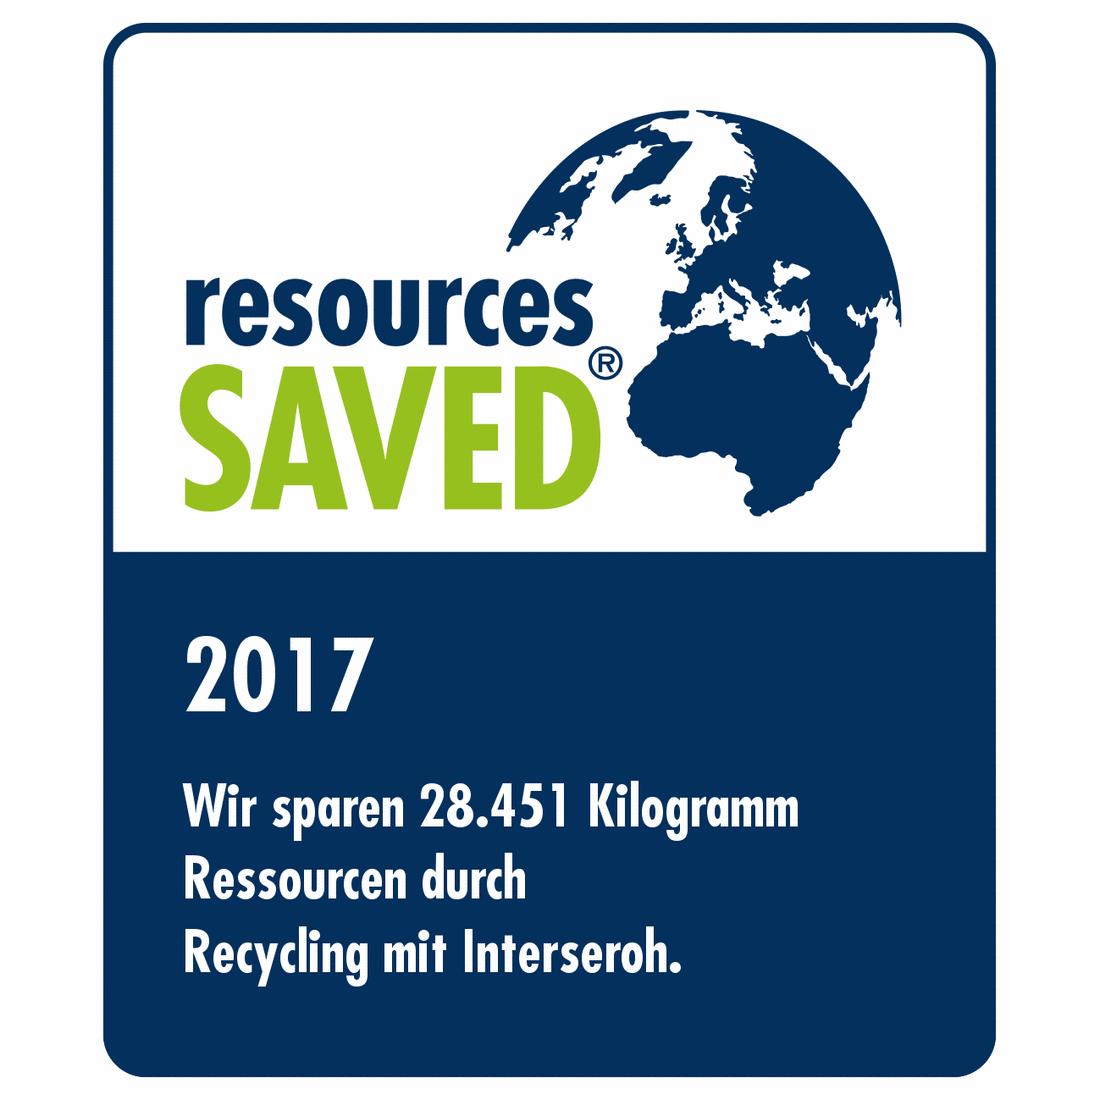 2017 - Eingesparte Ressourcen durch Recycling